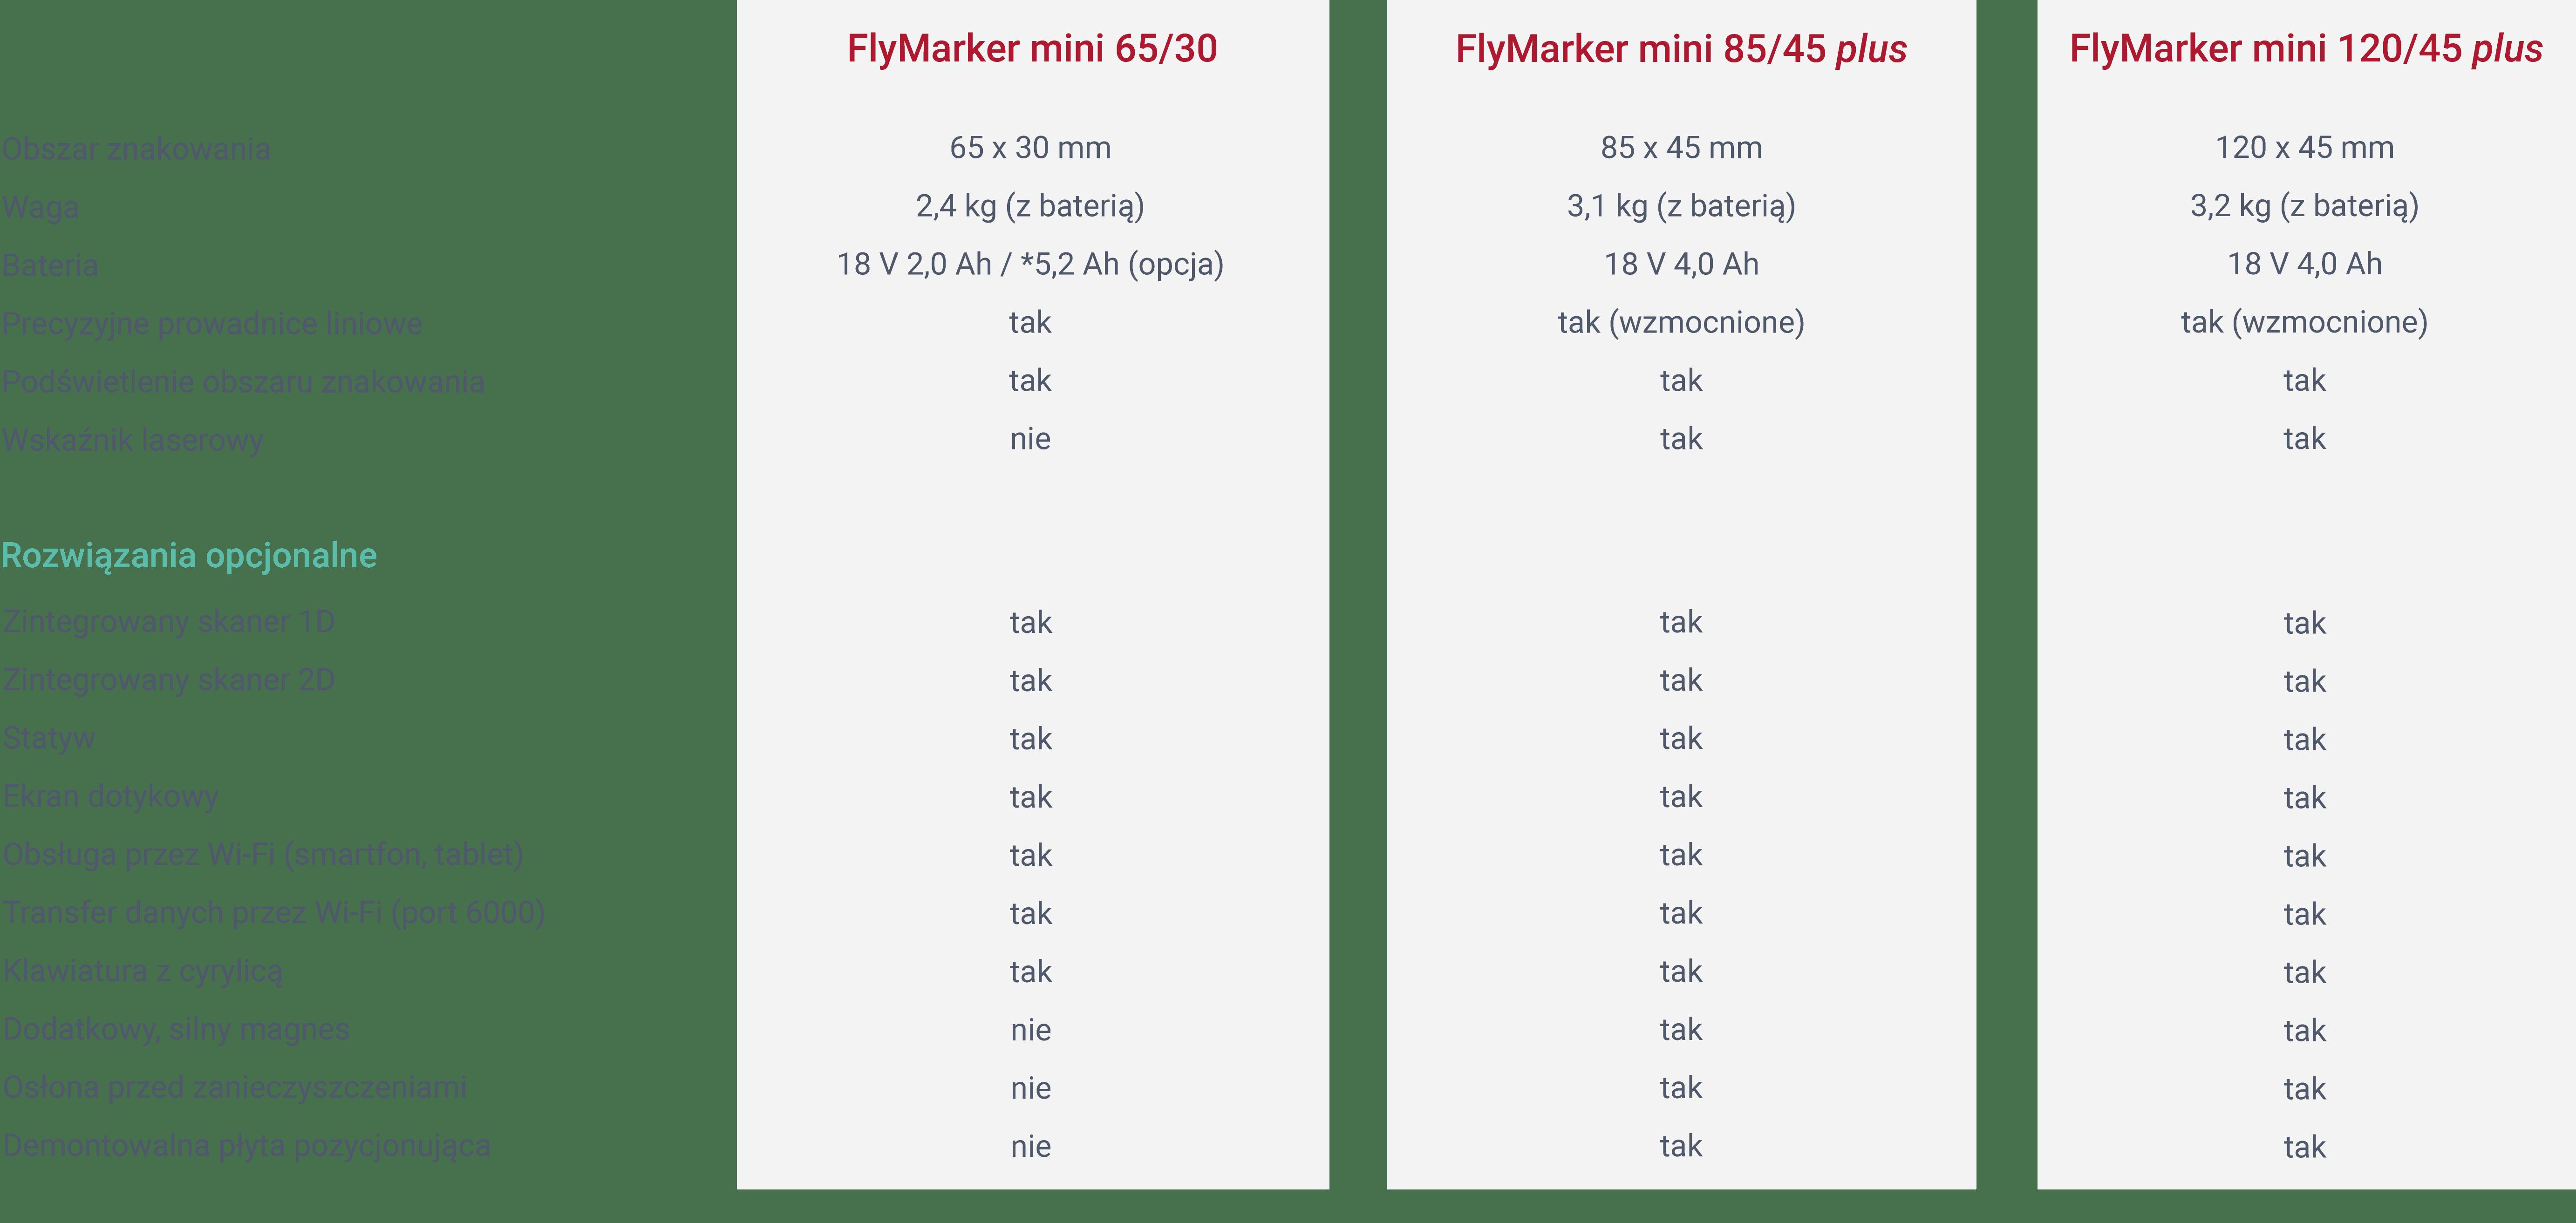 Porównanie znakowarek FlyMarker mini